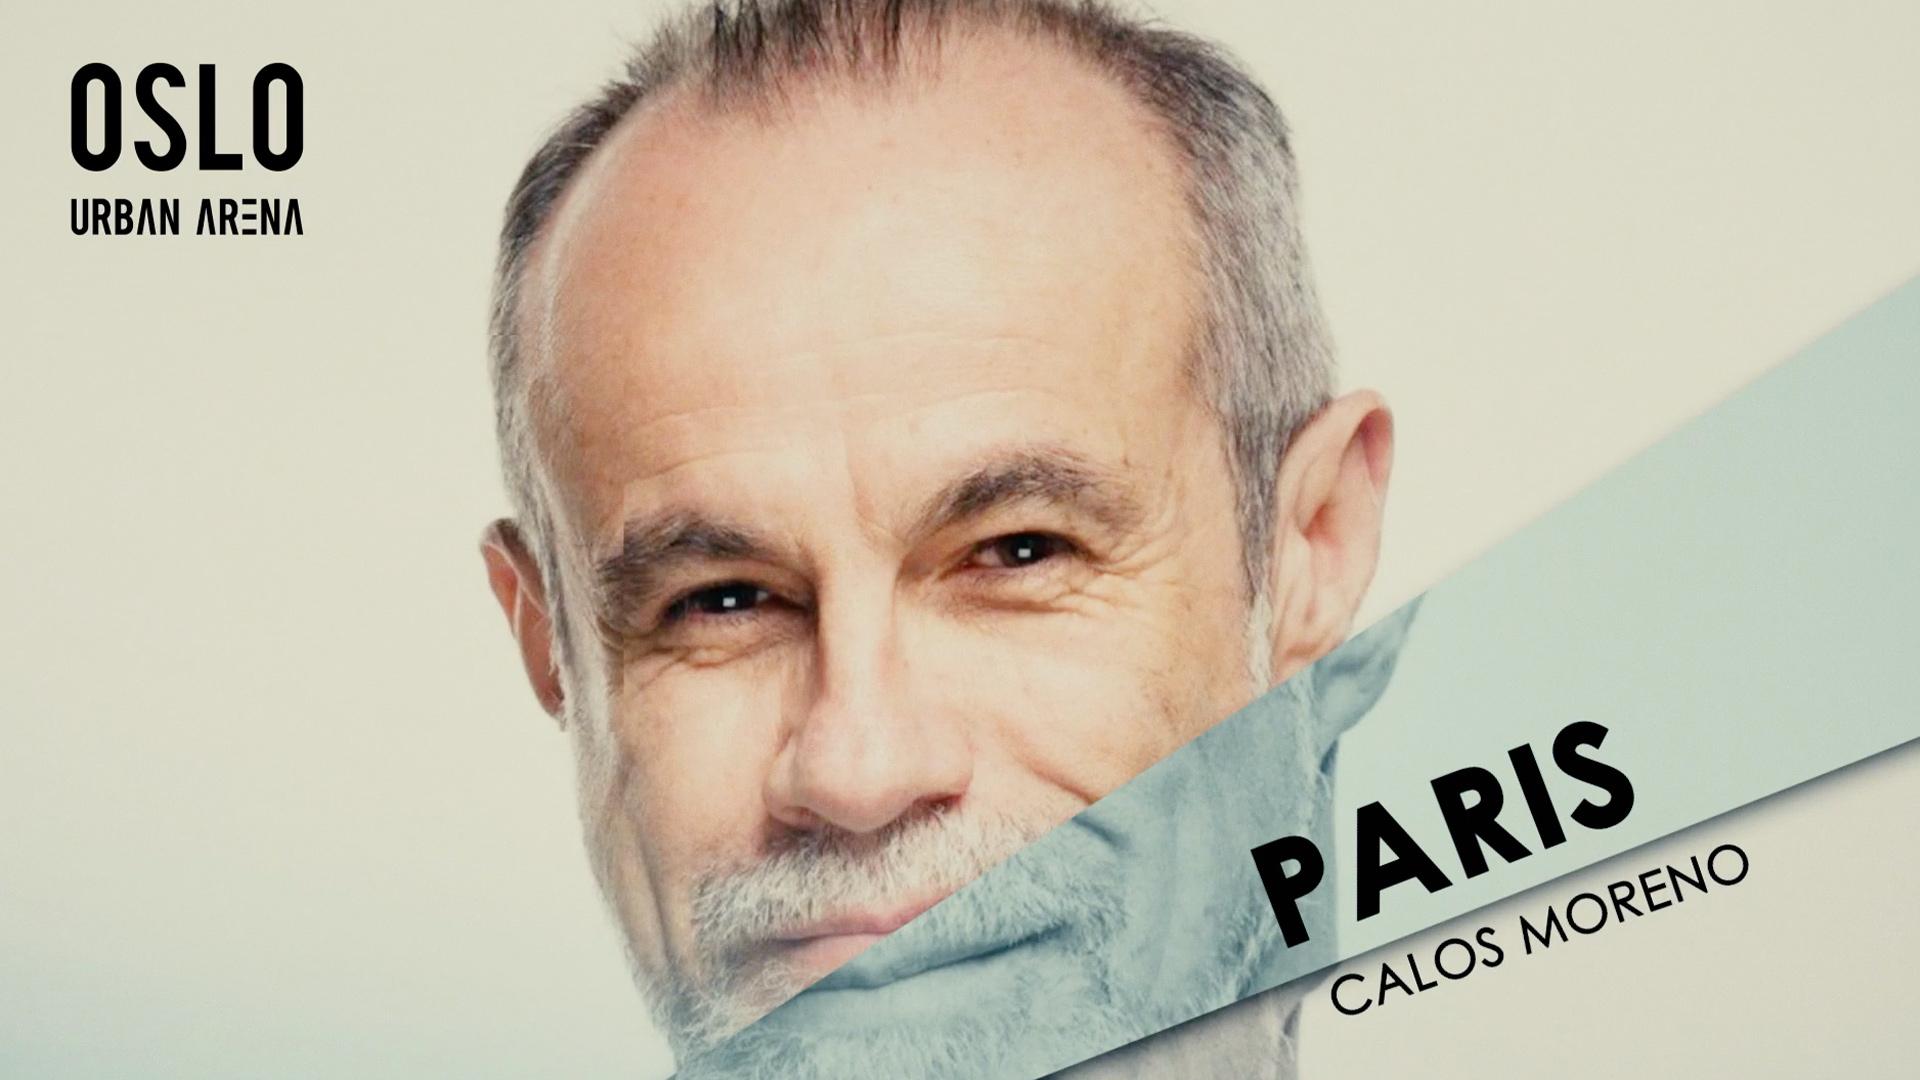 Oslo Urban Arena 2020: Carlos Moreno (Paris)